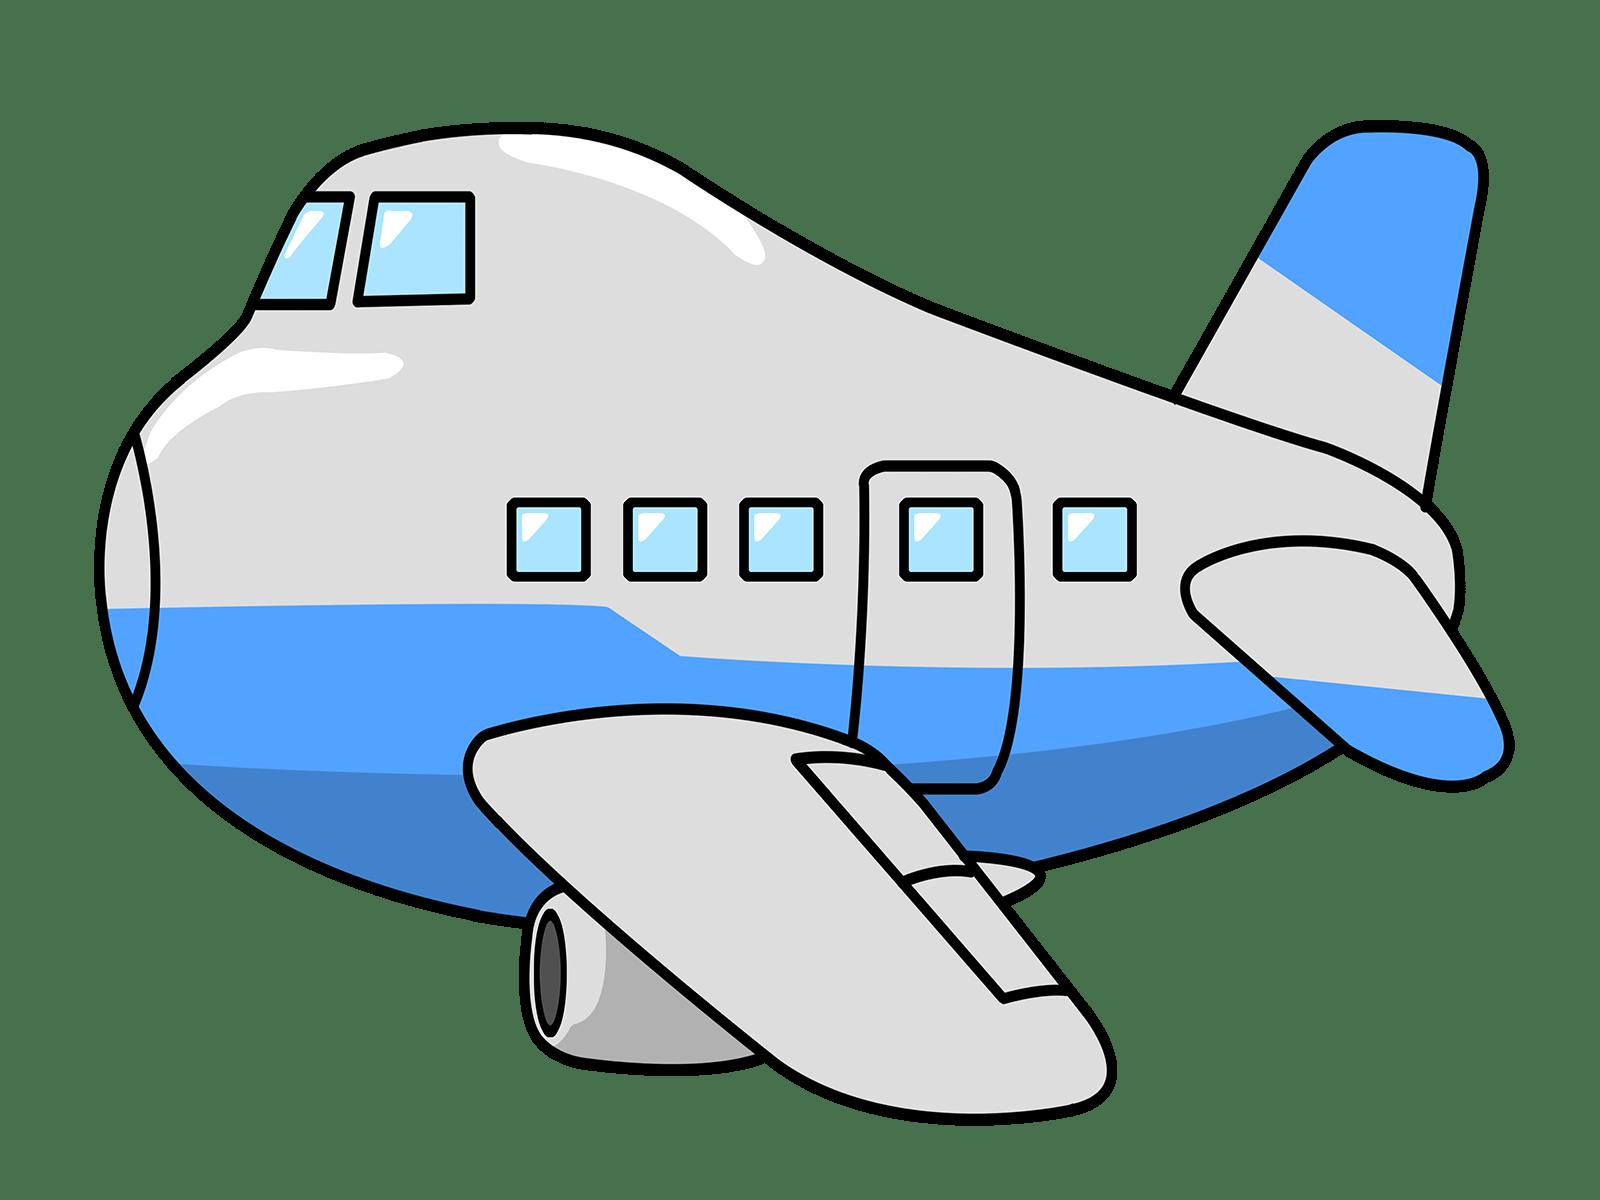 Cute plane clipart 5 » Clipart Portal.